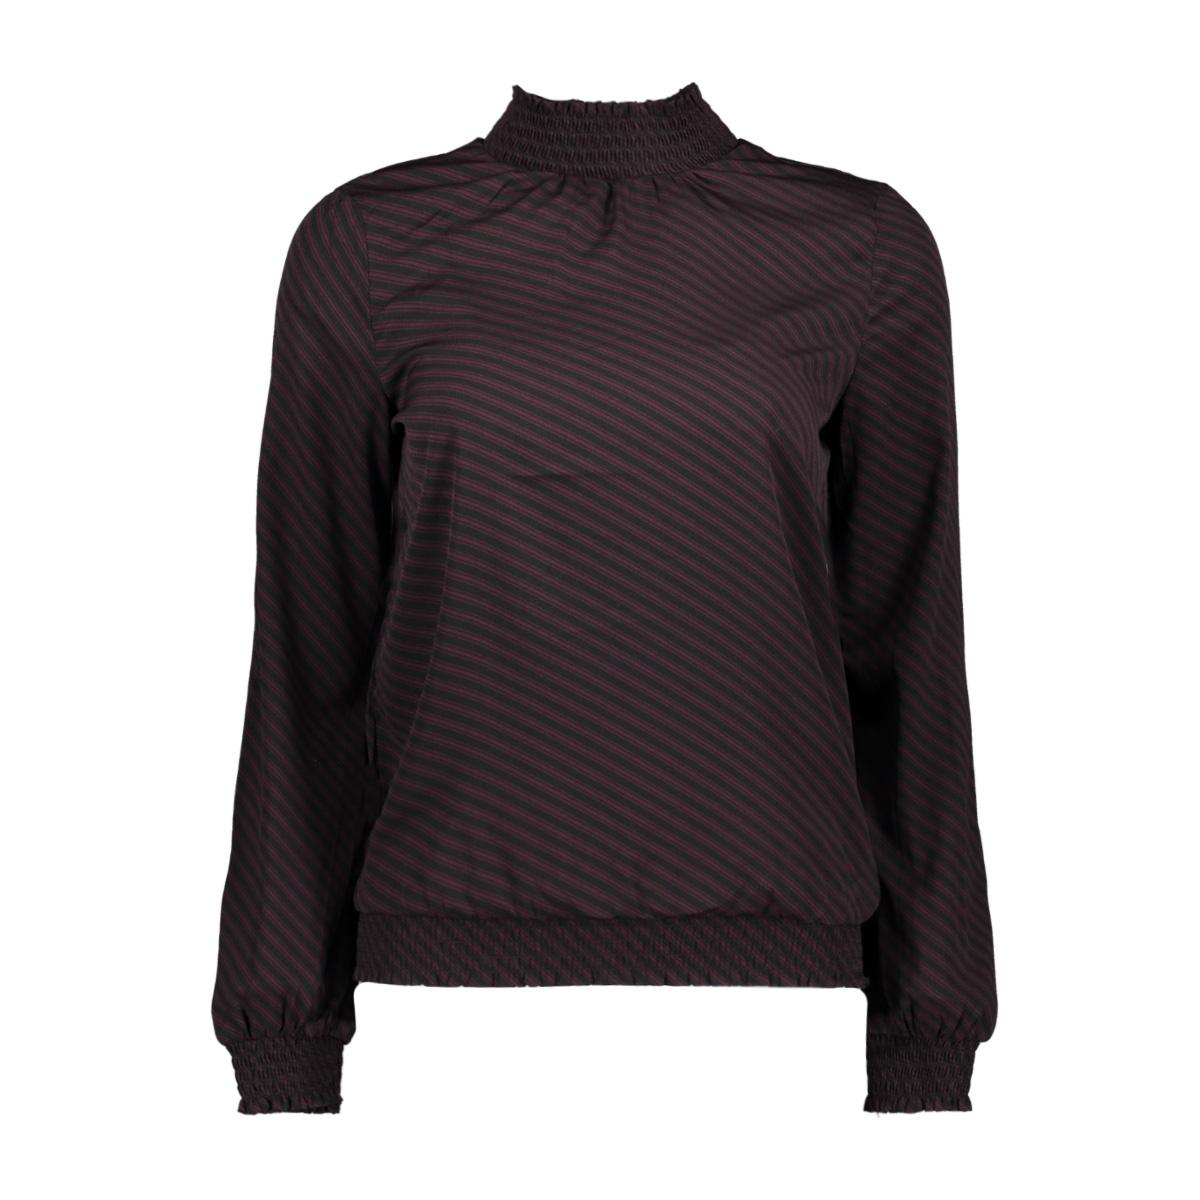 vmvenice l/s smock top exp 10210586 vero moda blouse black/winetasting